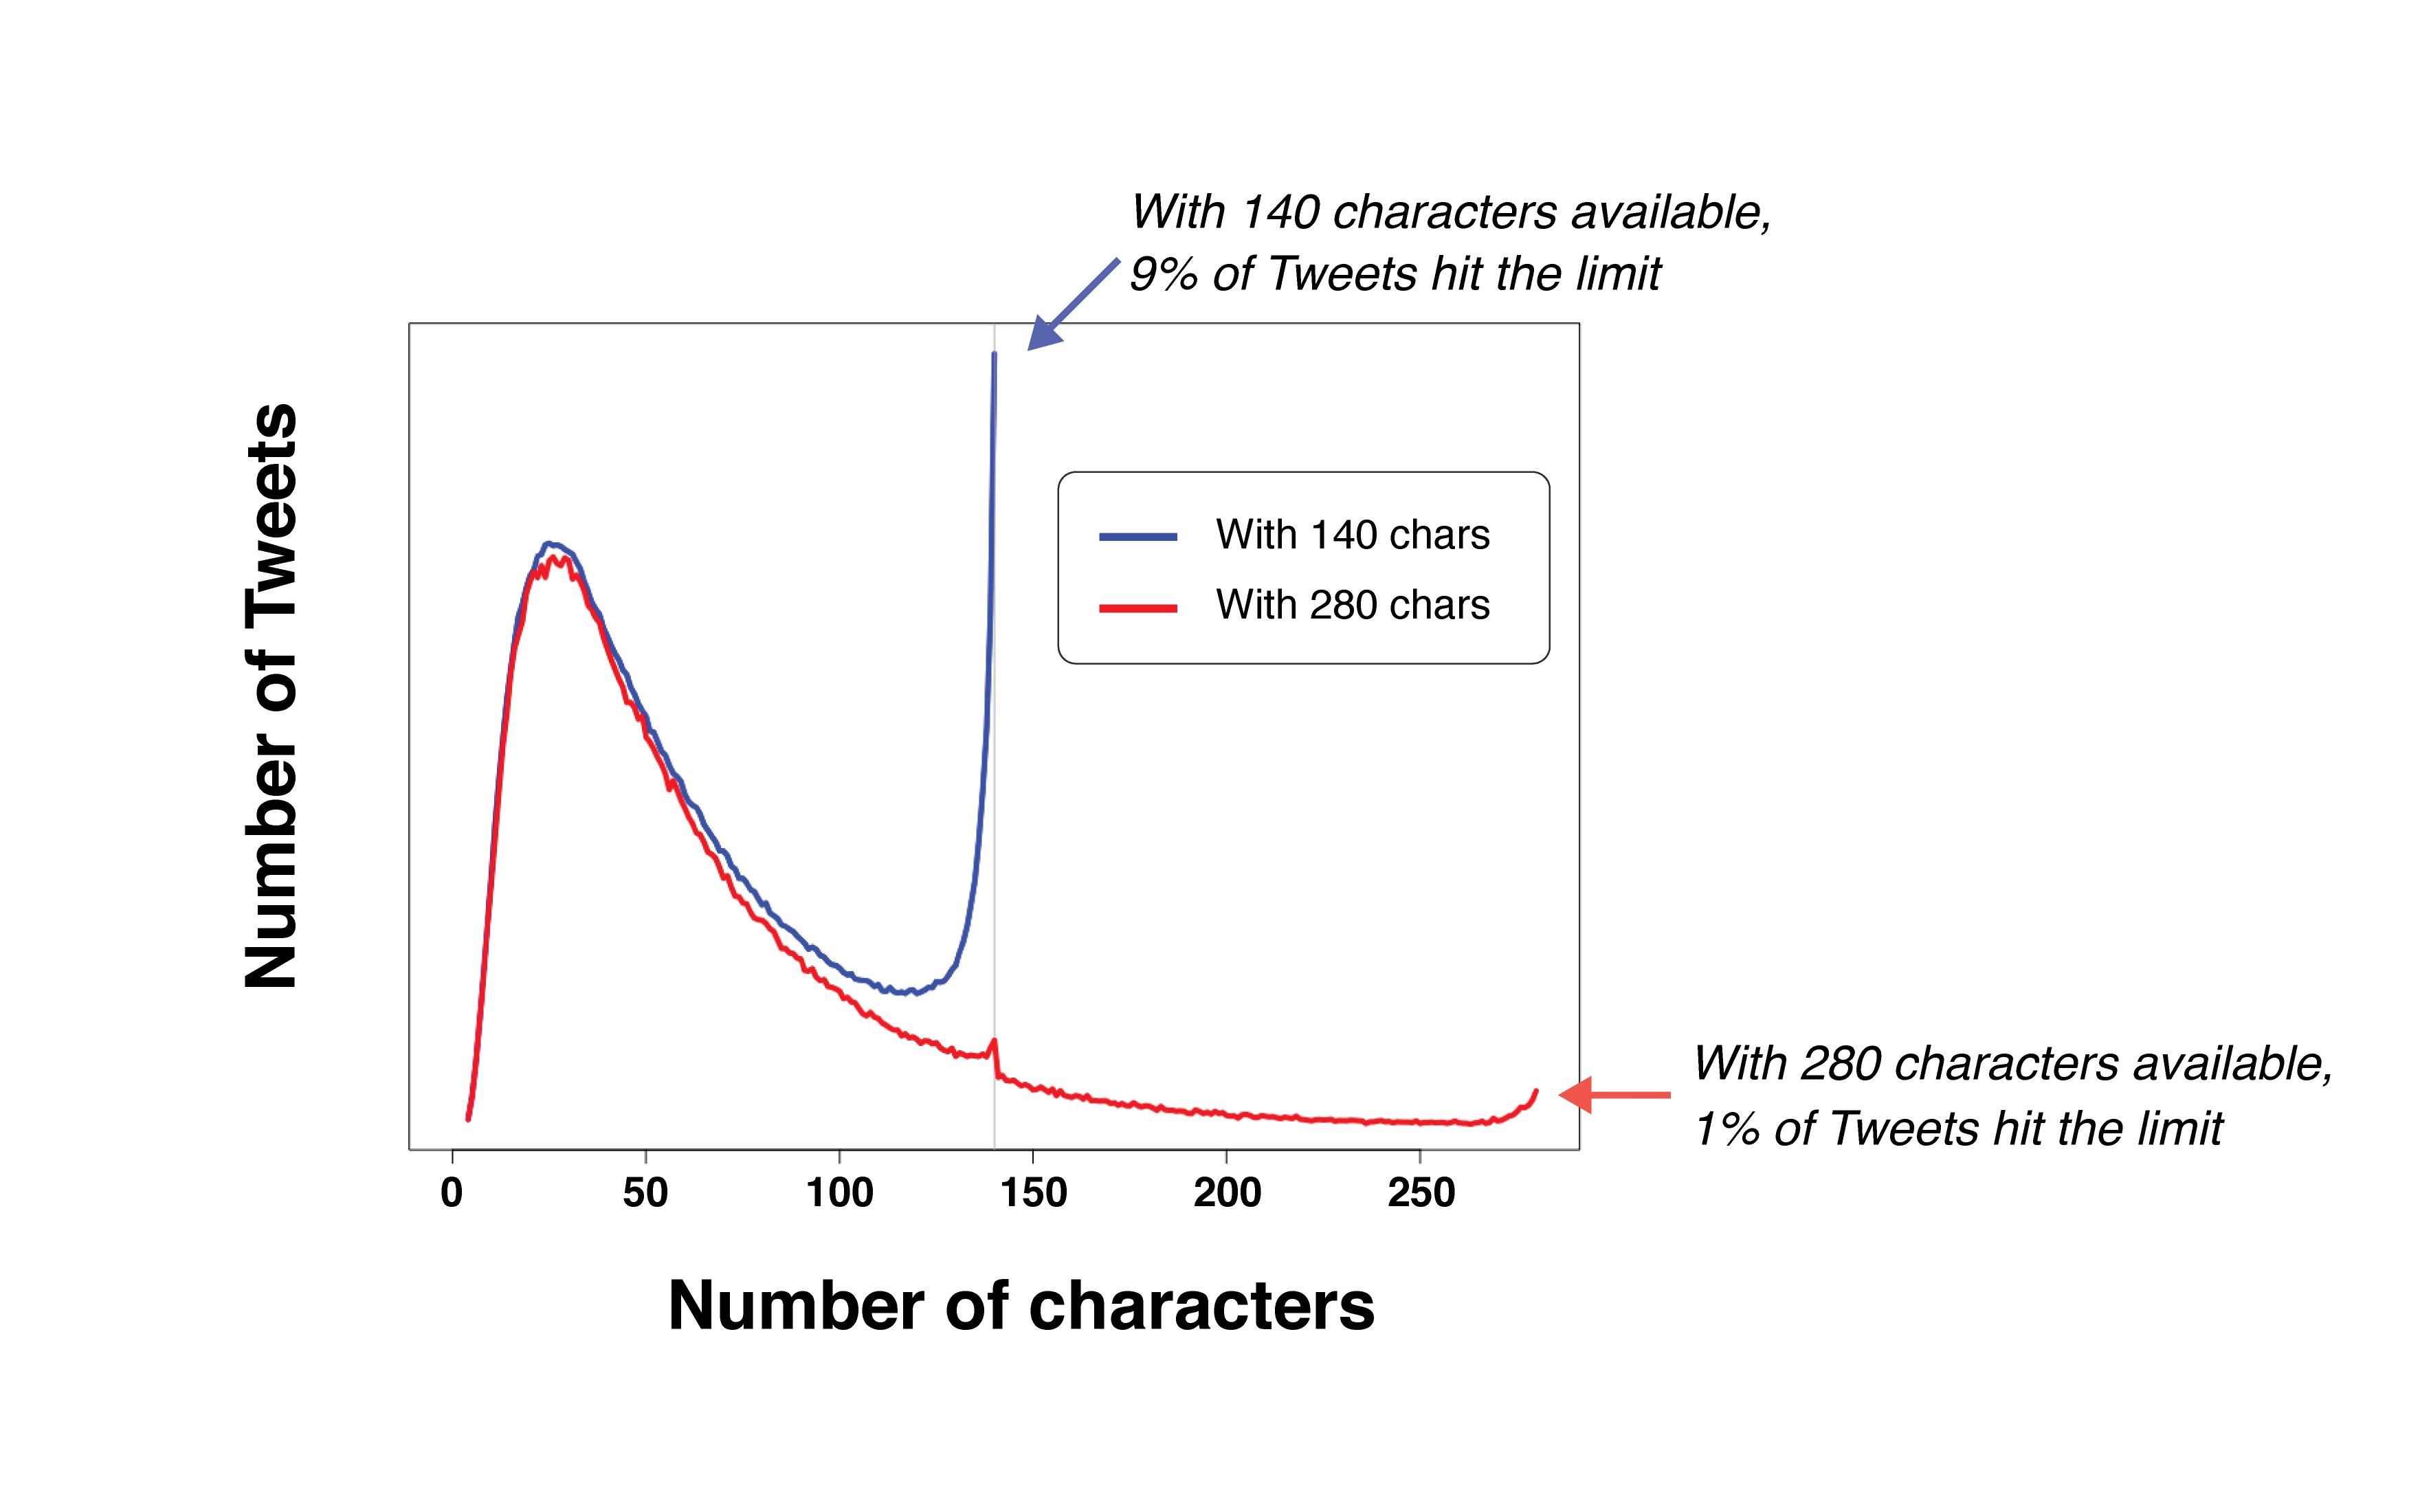 Twitter tekenlimiet verruimt naar 280 tekens